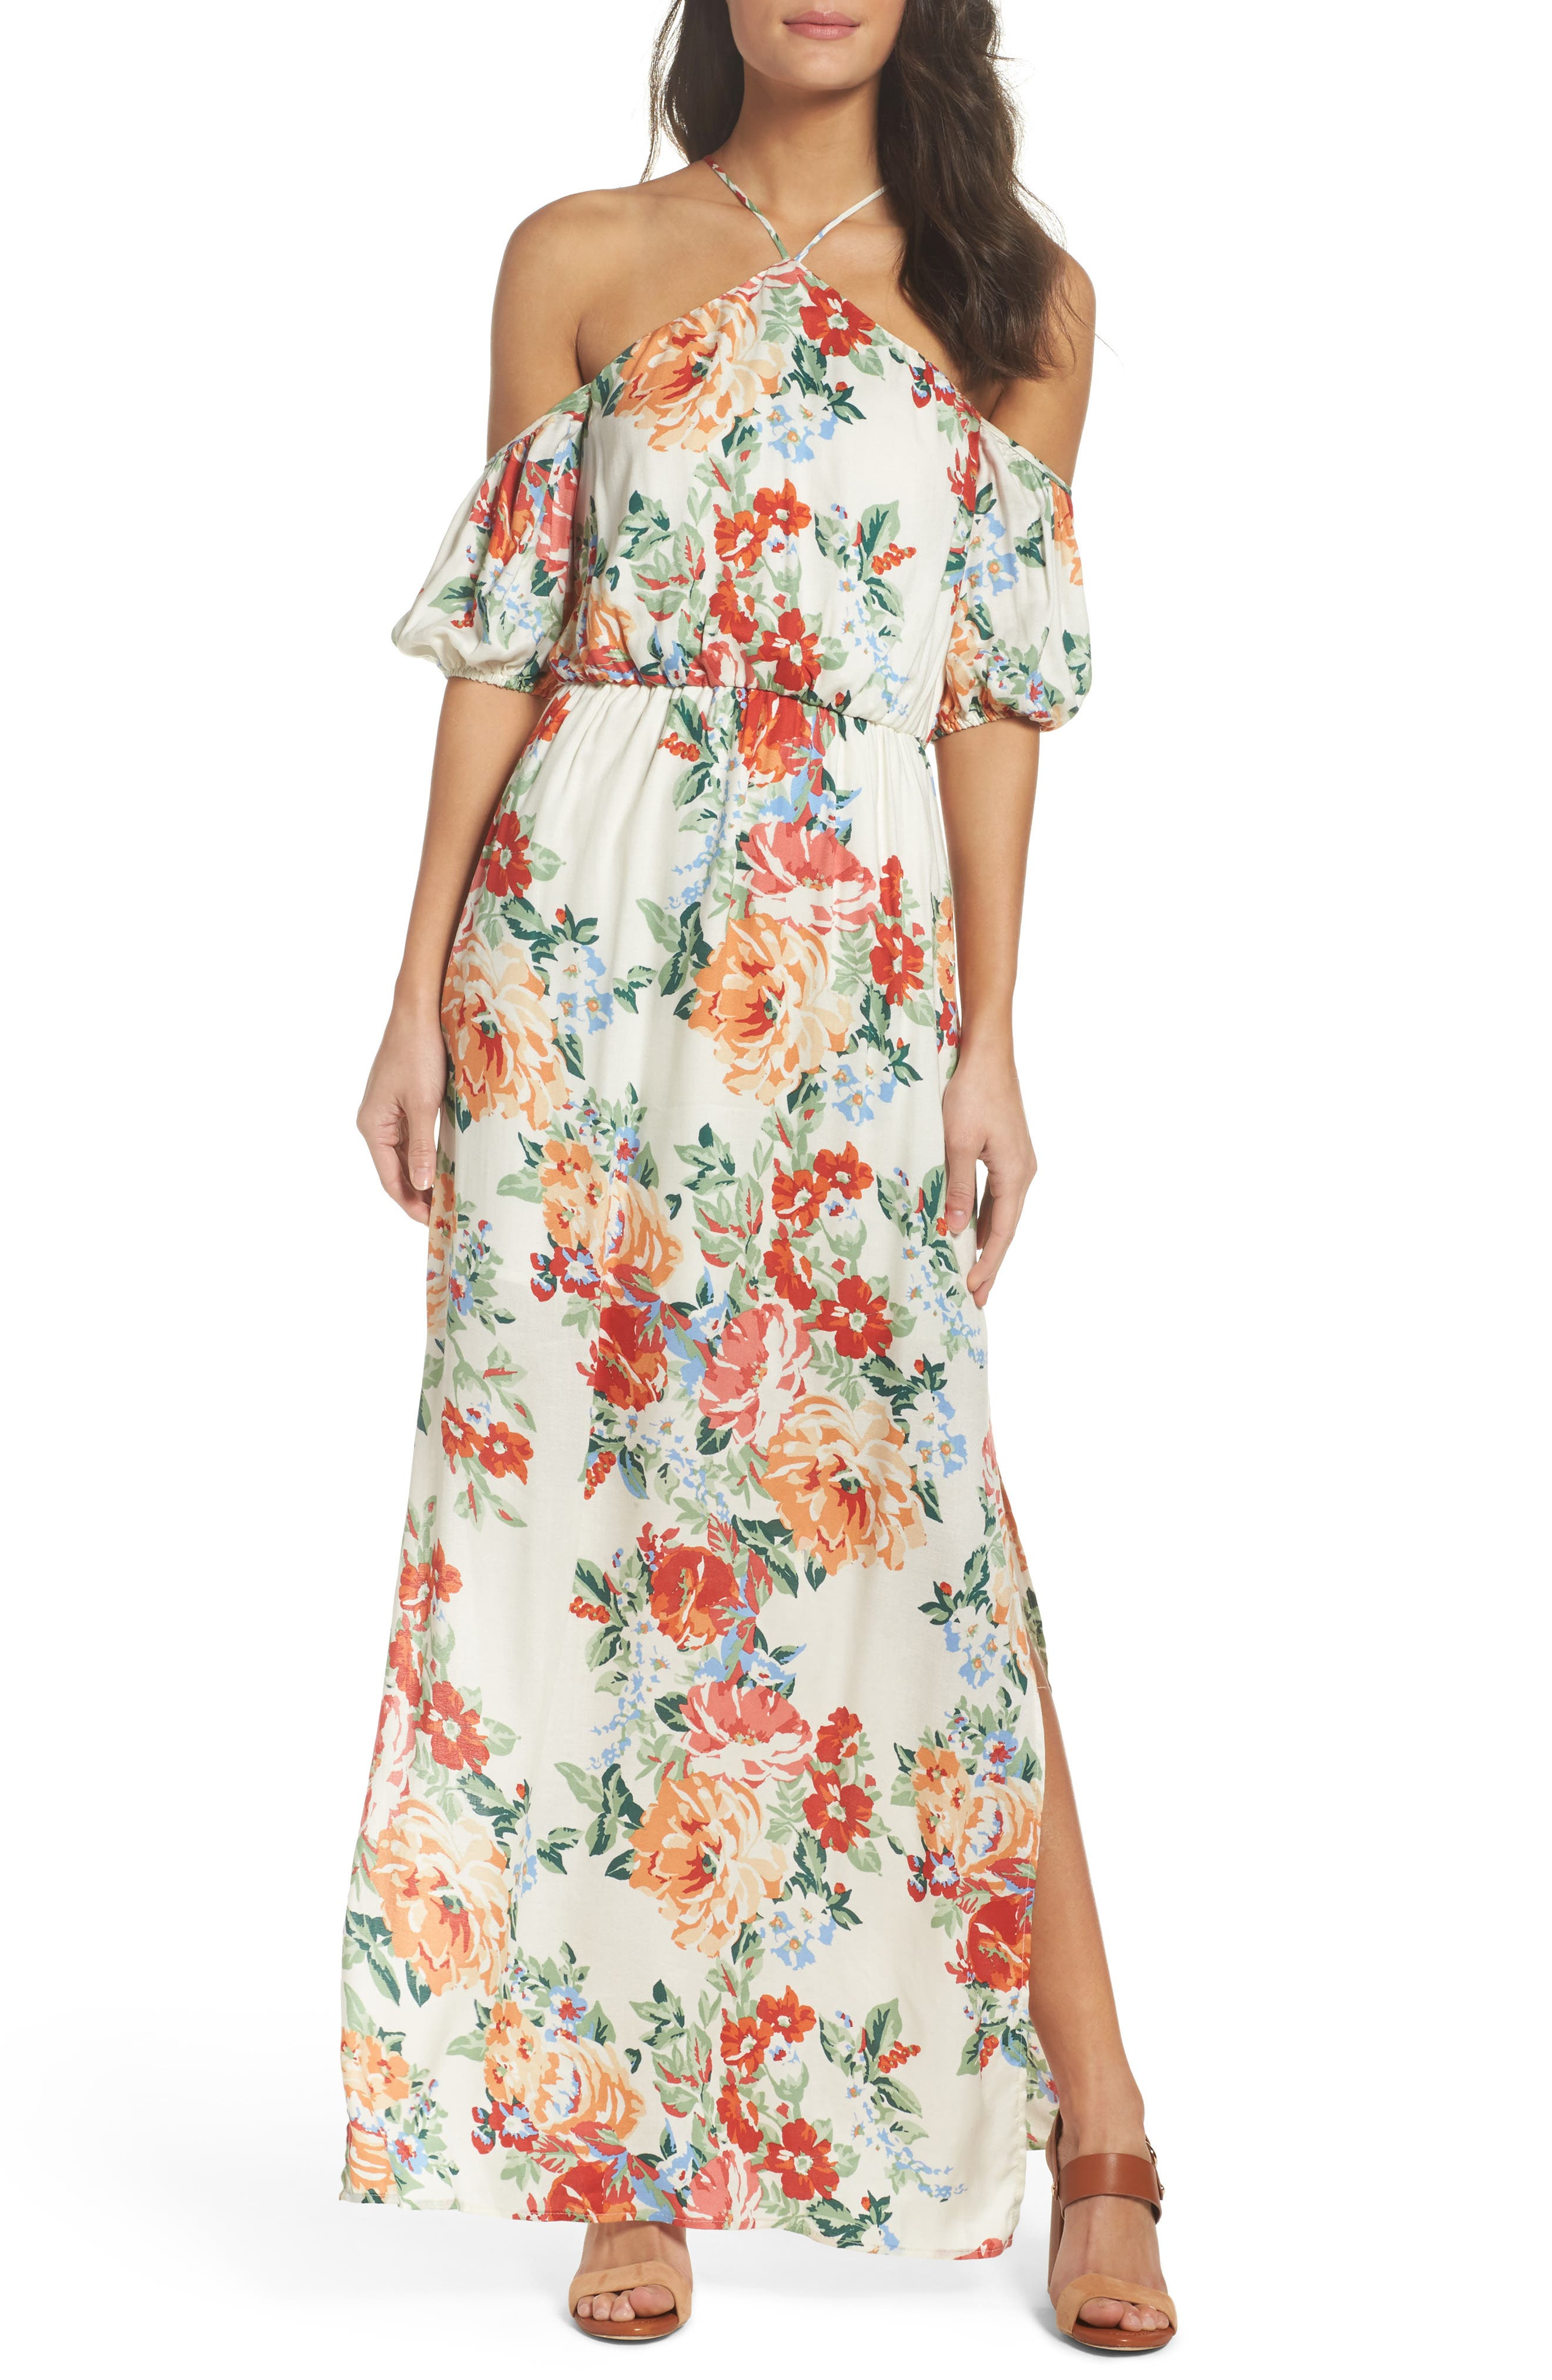 Alternate Image 1 Selected - Charles Henry Cold Shoulder Blouson Dress (Regular & Petite)